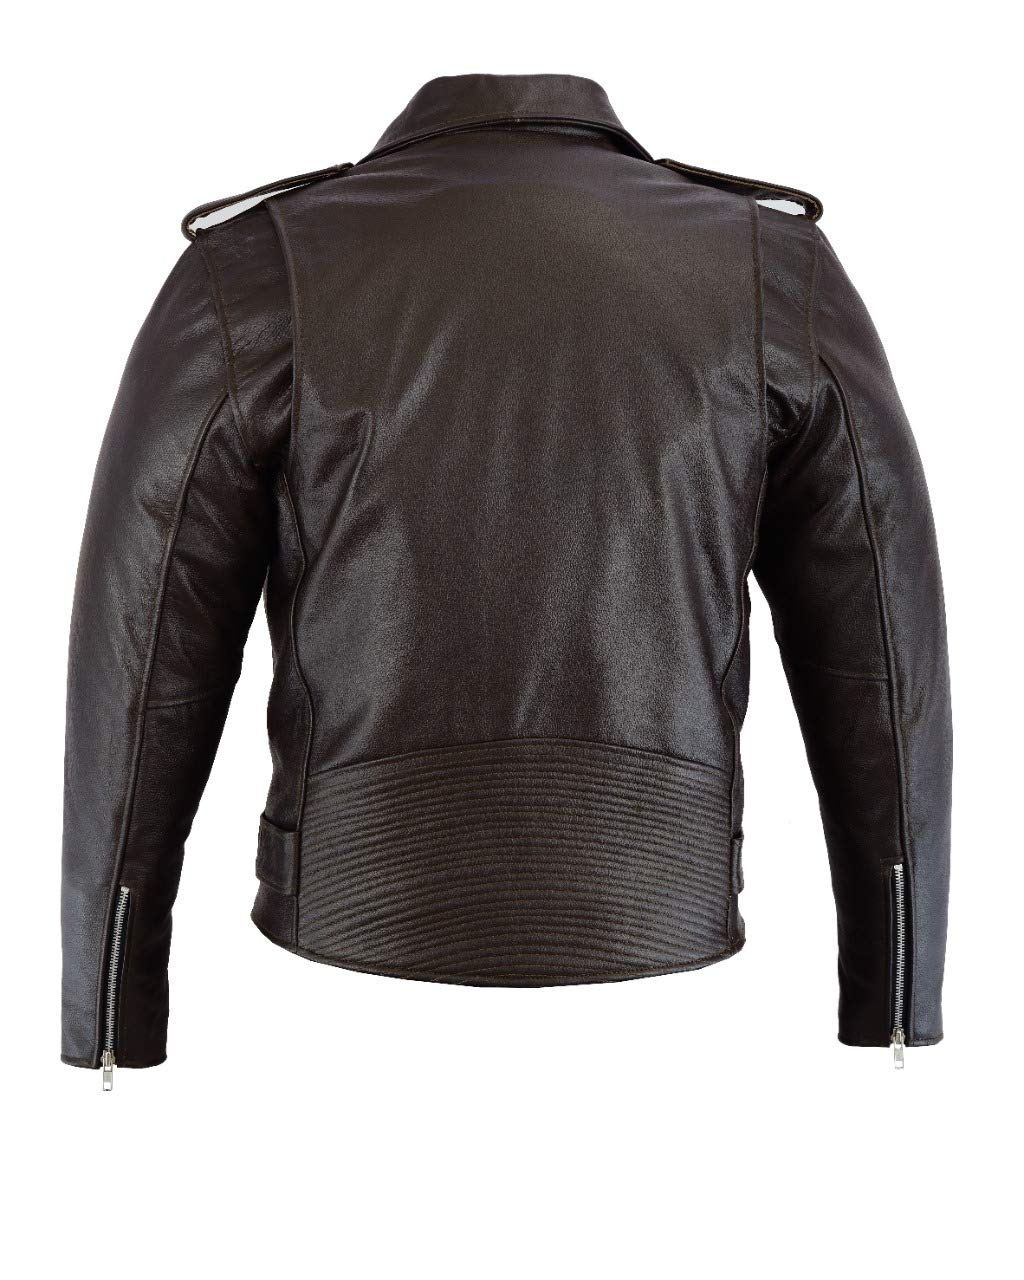 JET Chaqueta Moto Cuero Hombre con Protecciones Vintage Clasico Iconico Retro BRANDO Negro liso, S